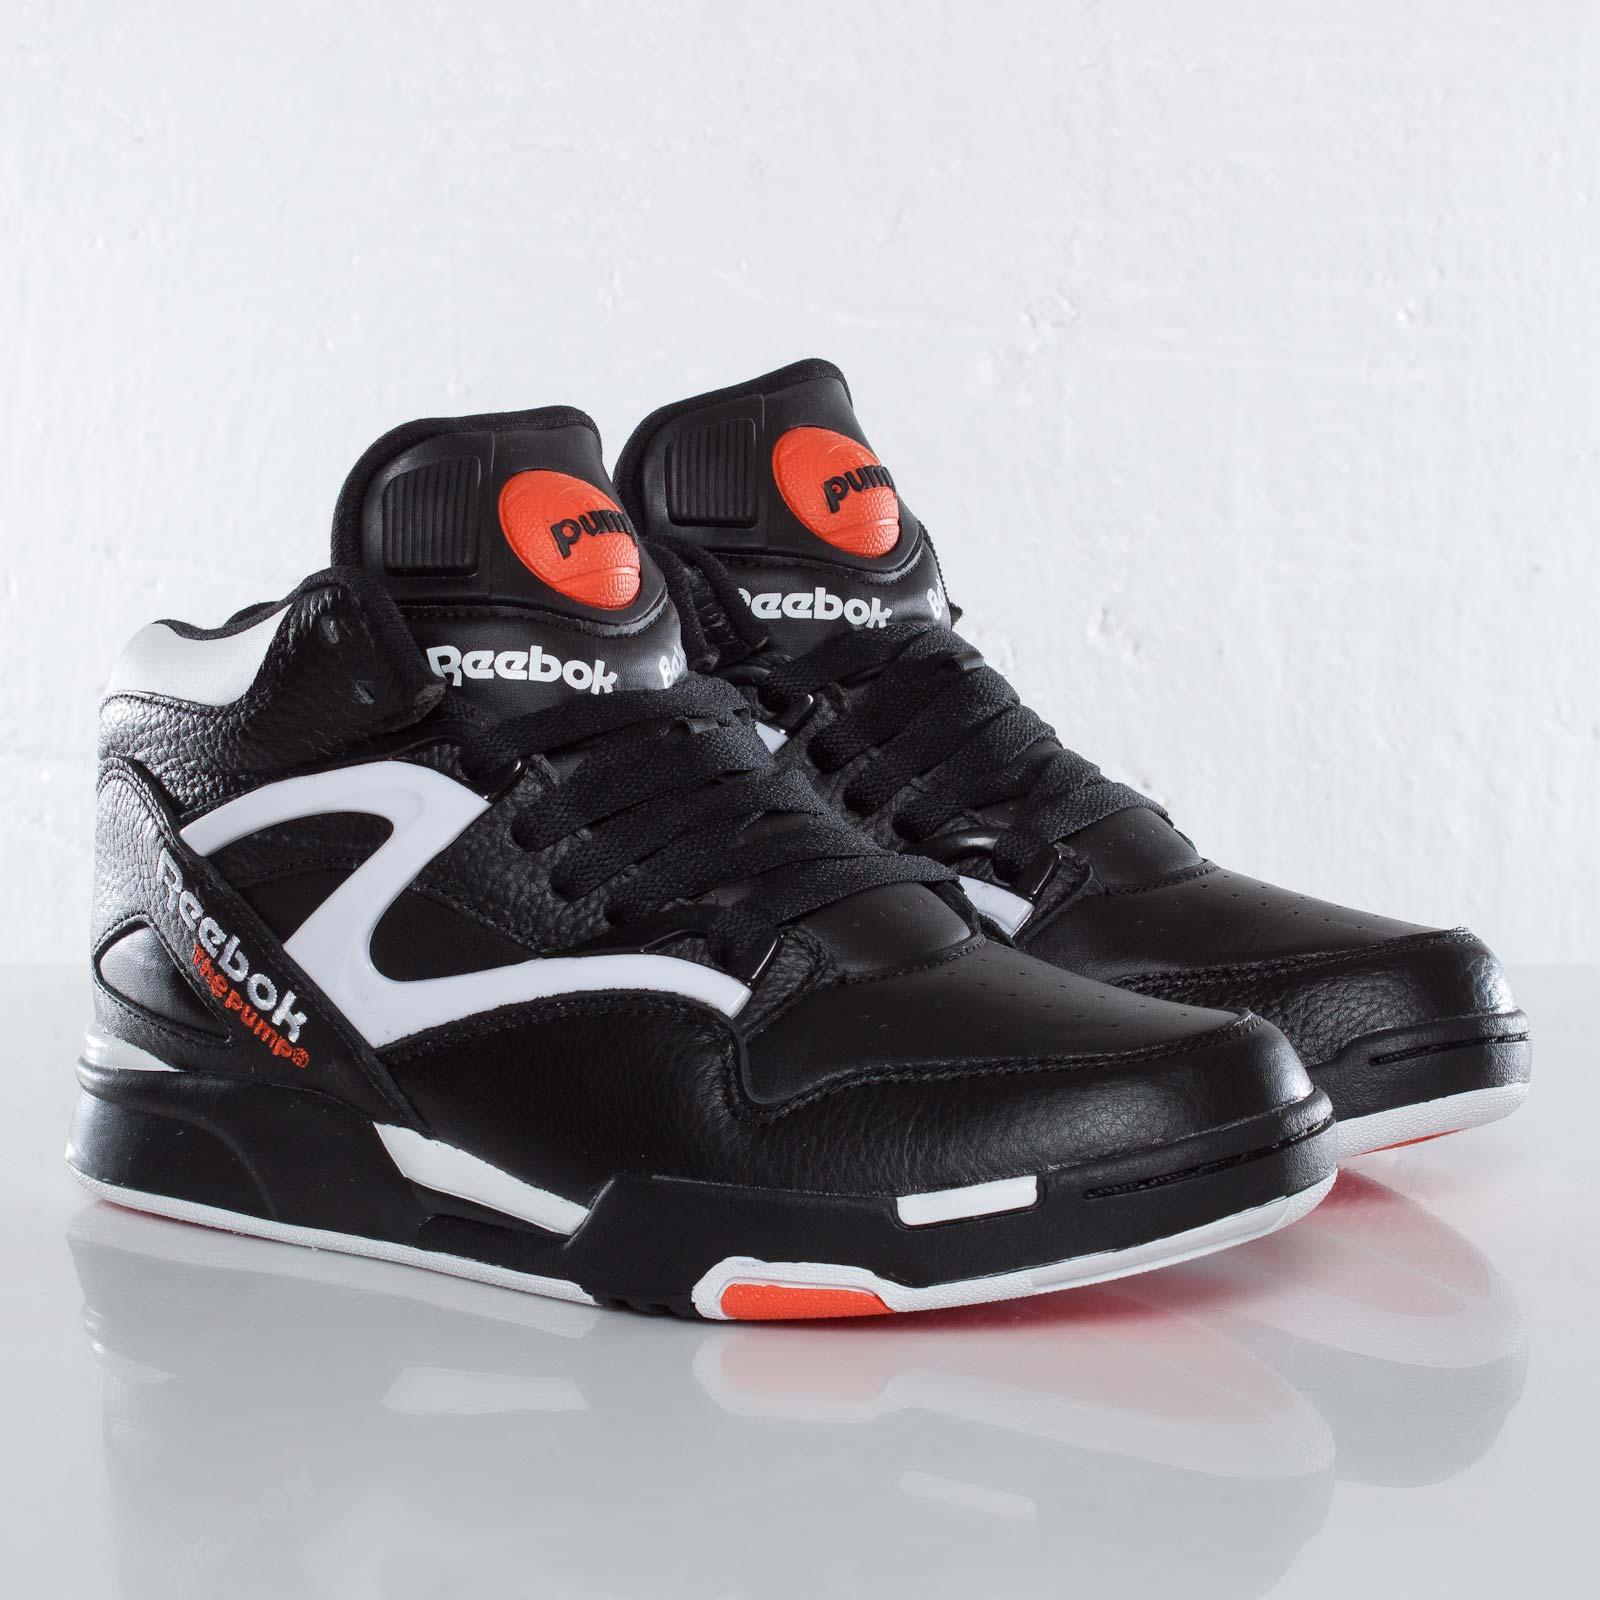 Reebok Pump Omni Lite J15298 Sneakersnstuff | sneakers